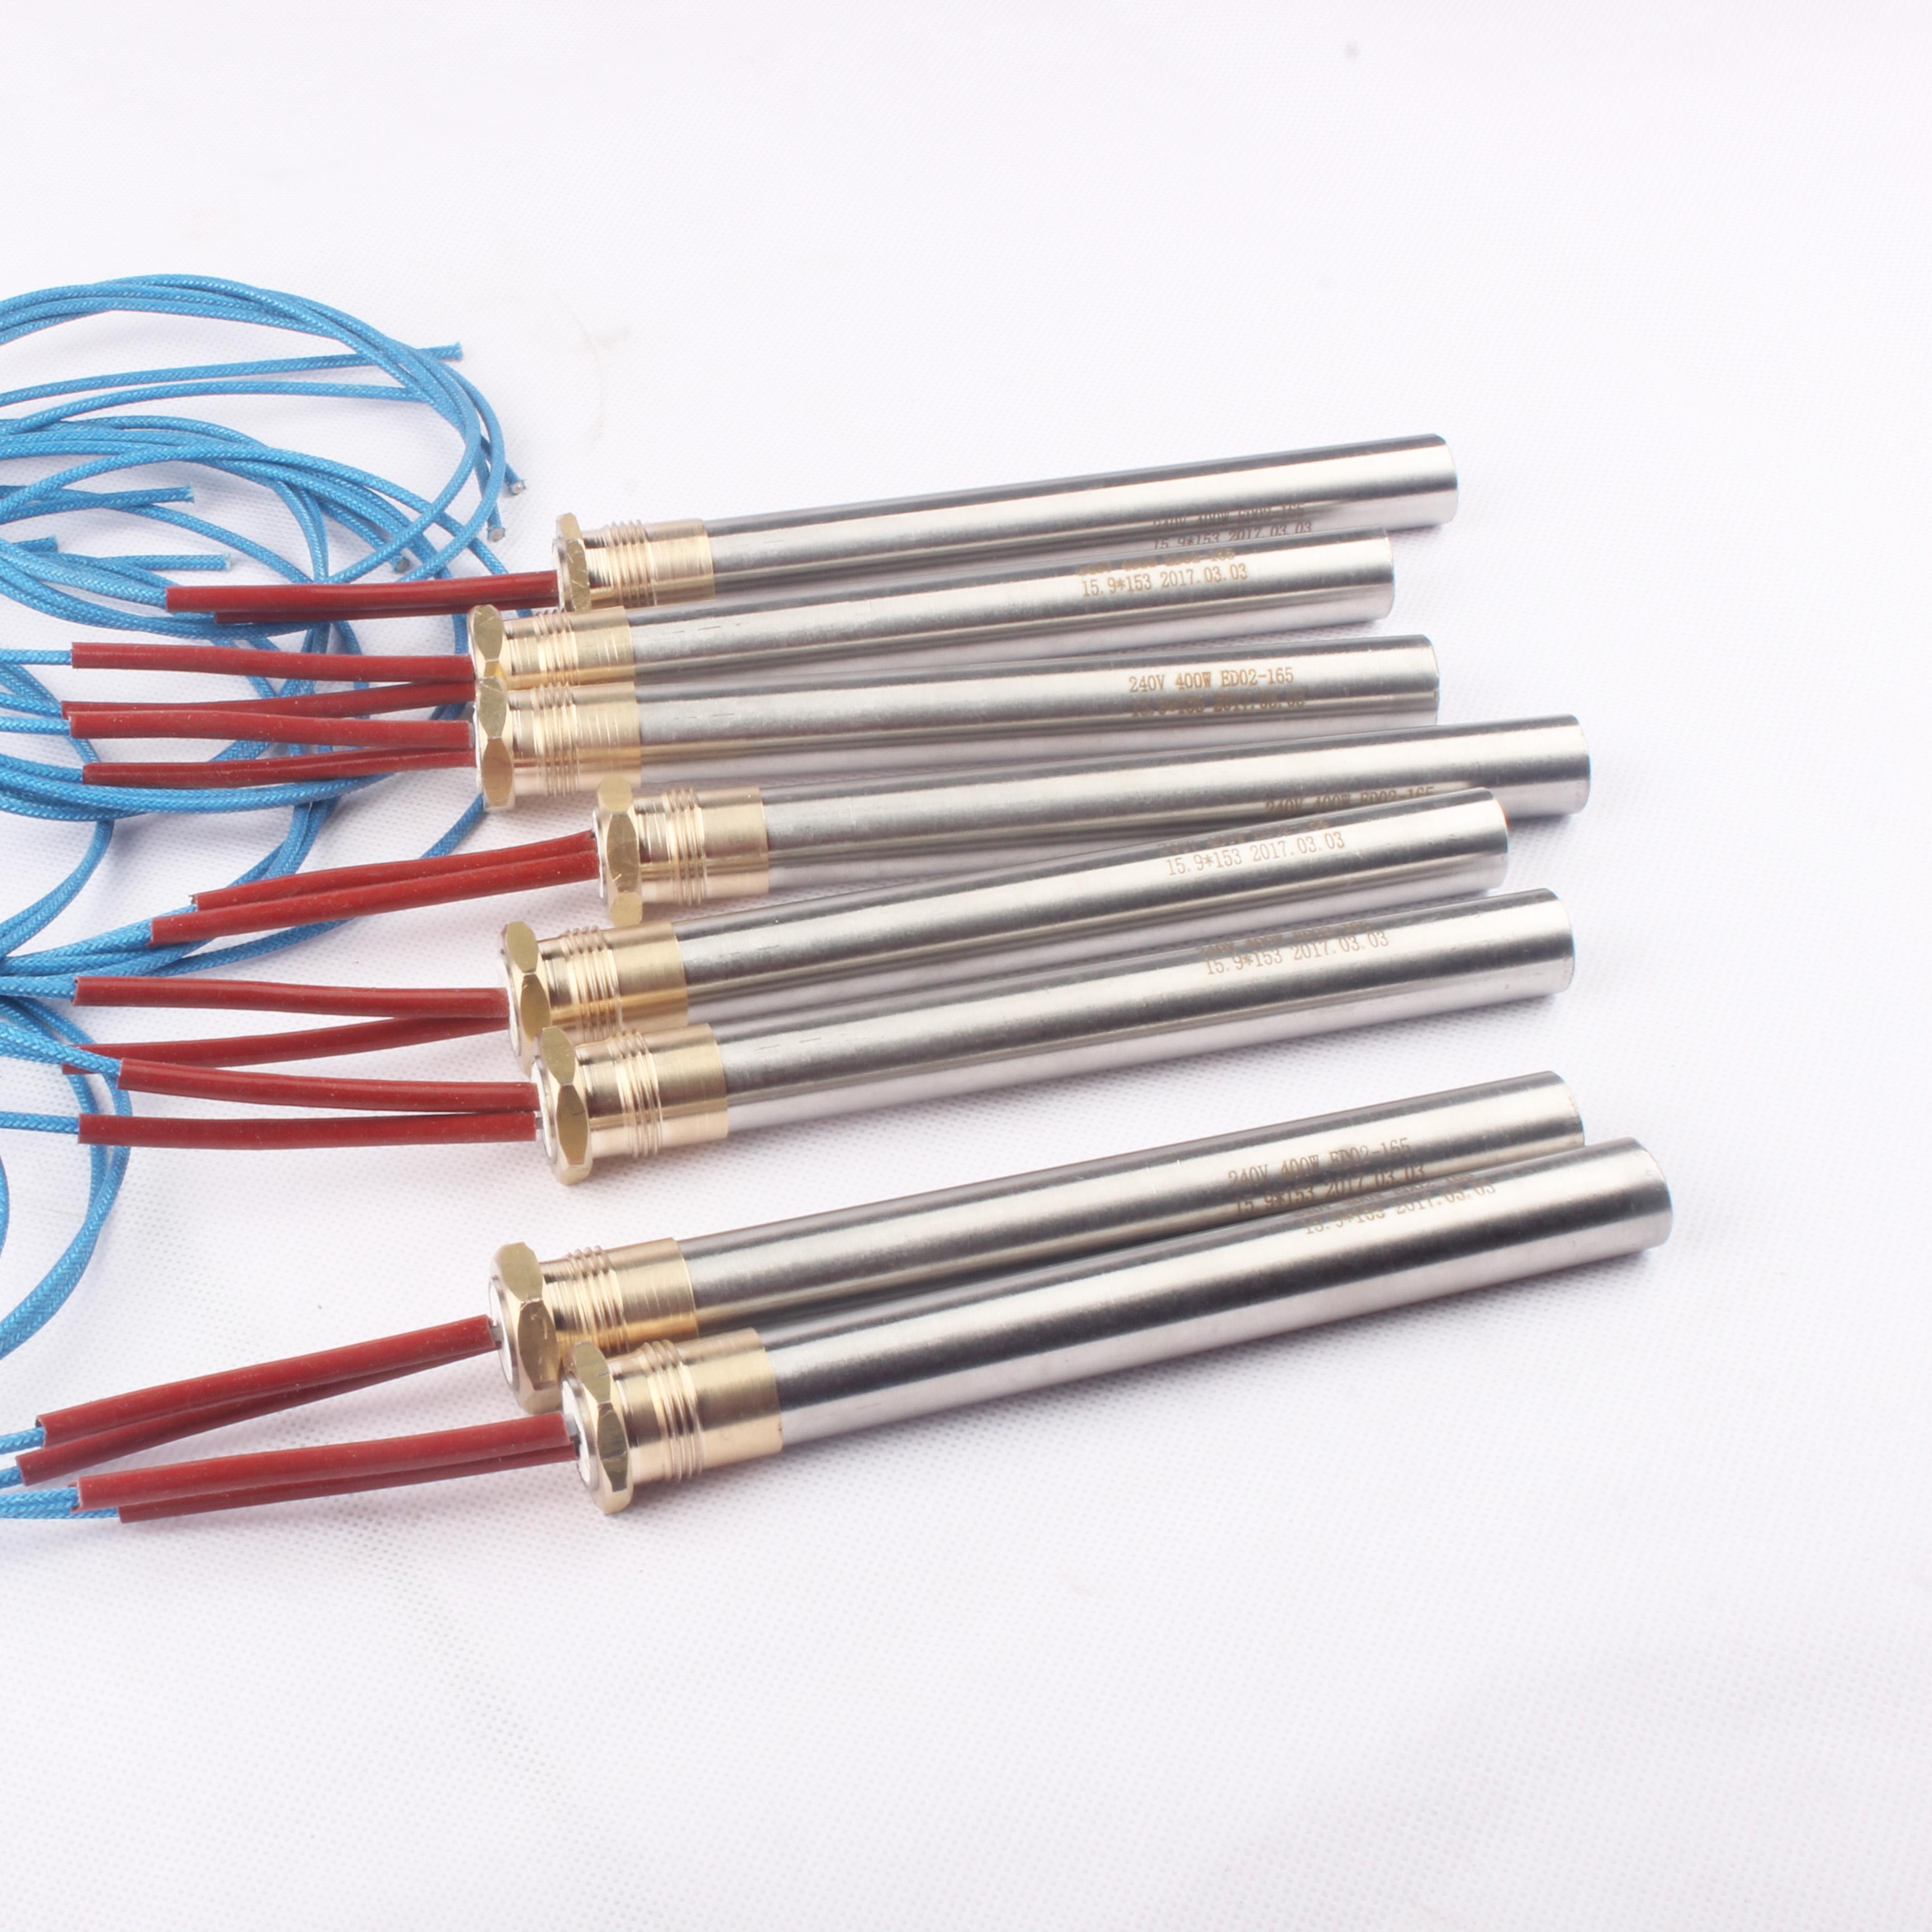 Heater Stick Low Watt Density Cartridge Waterproof Immersion Wiring Diagram Buy 1000w Heater12v Heaterportable